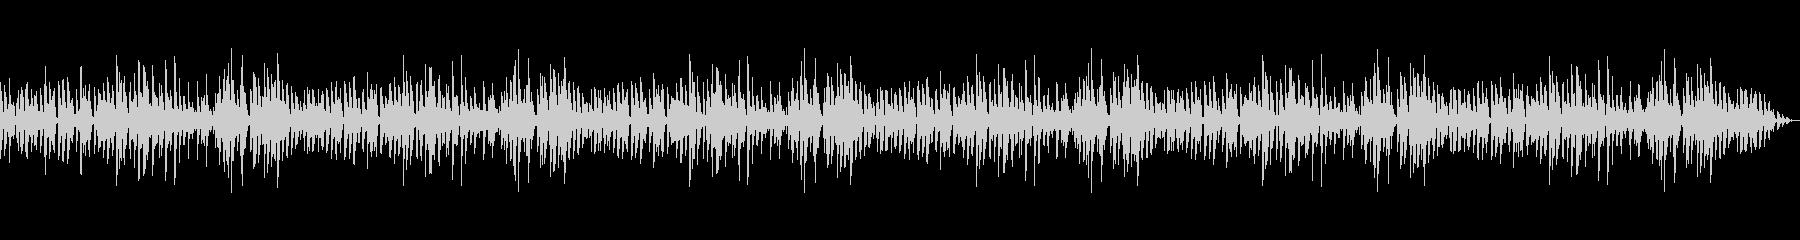 落ち着いたジャズピアノトリオのBGMの未再生の波形